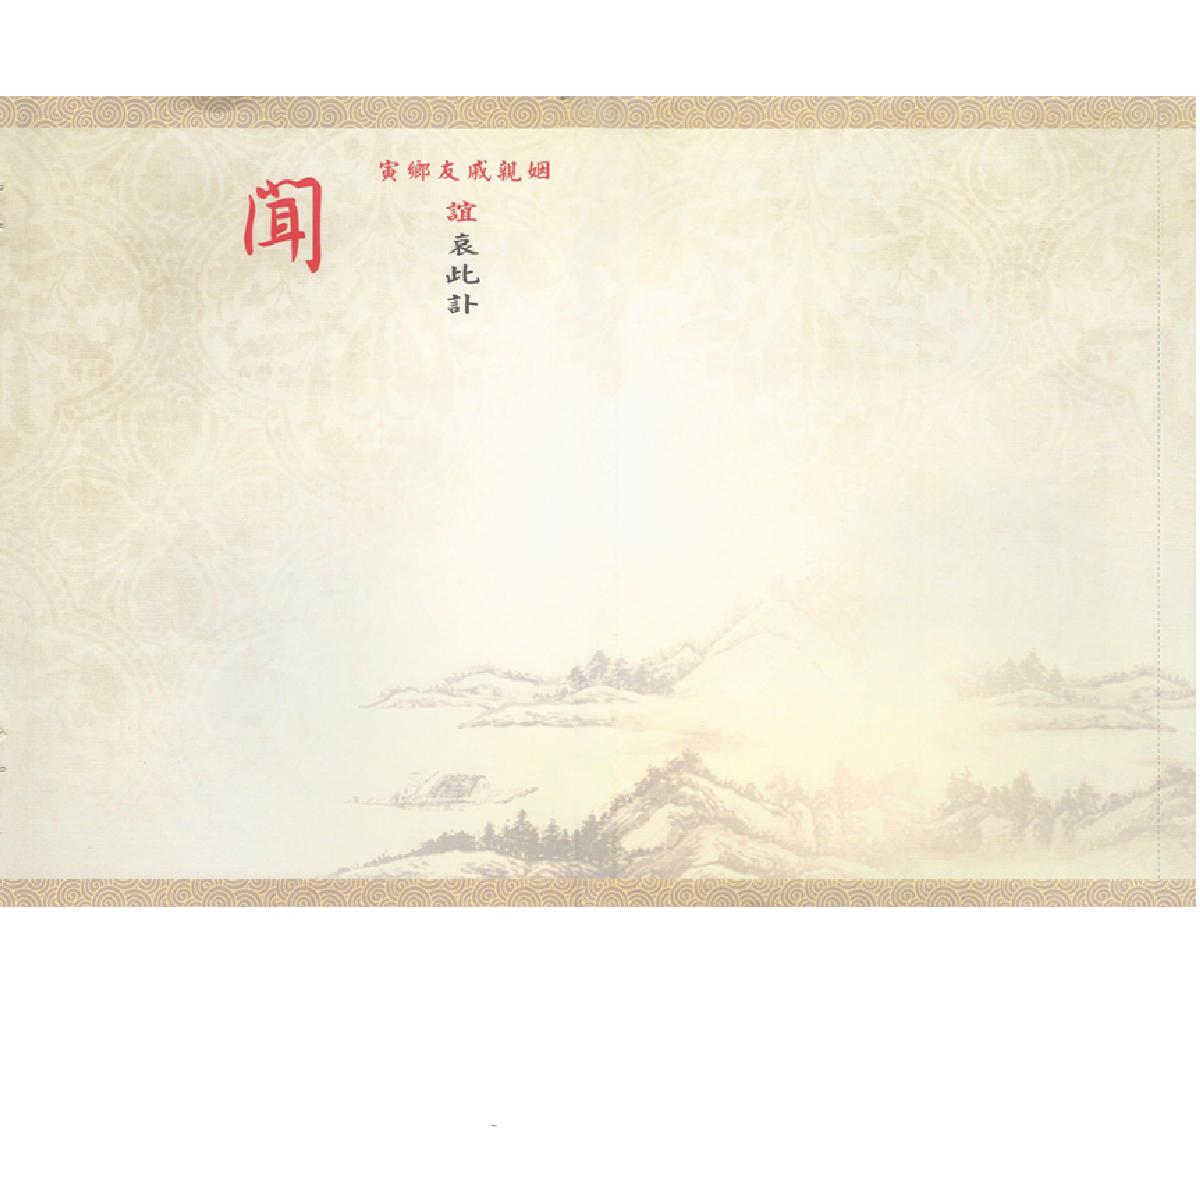 訃聞-佛道-黃